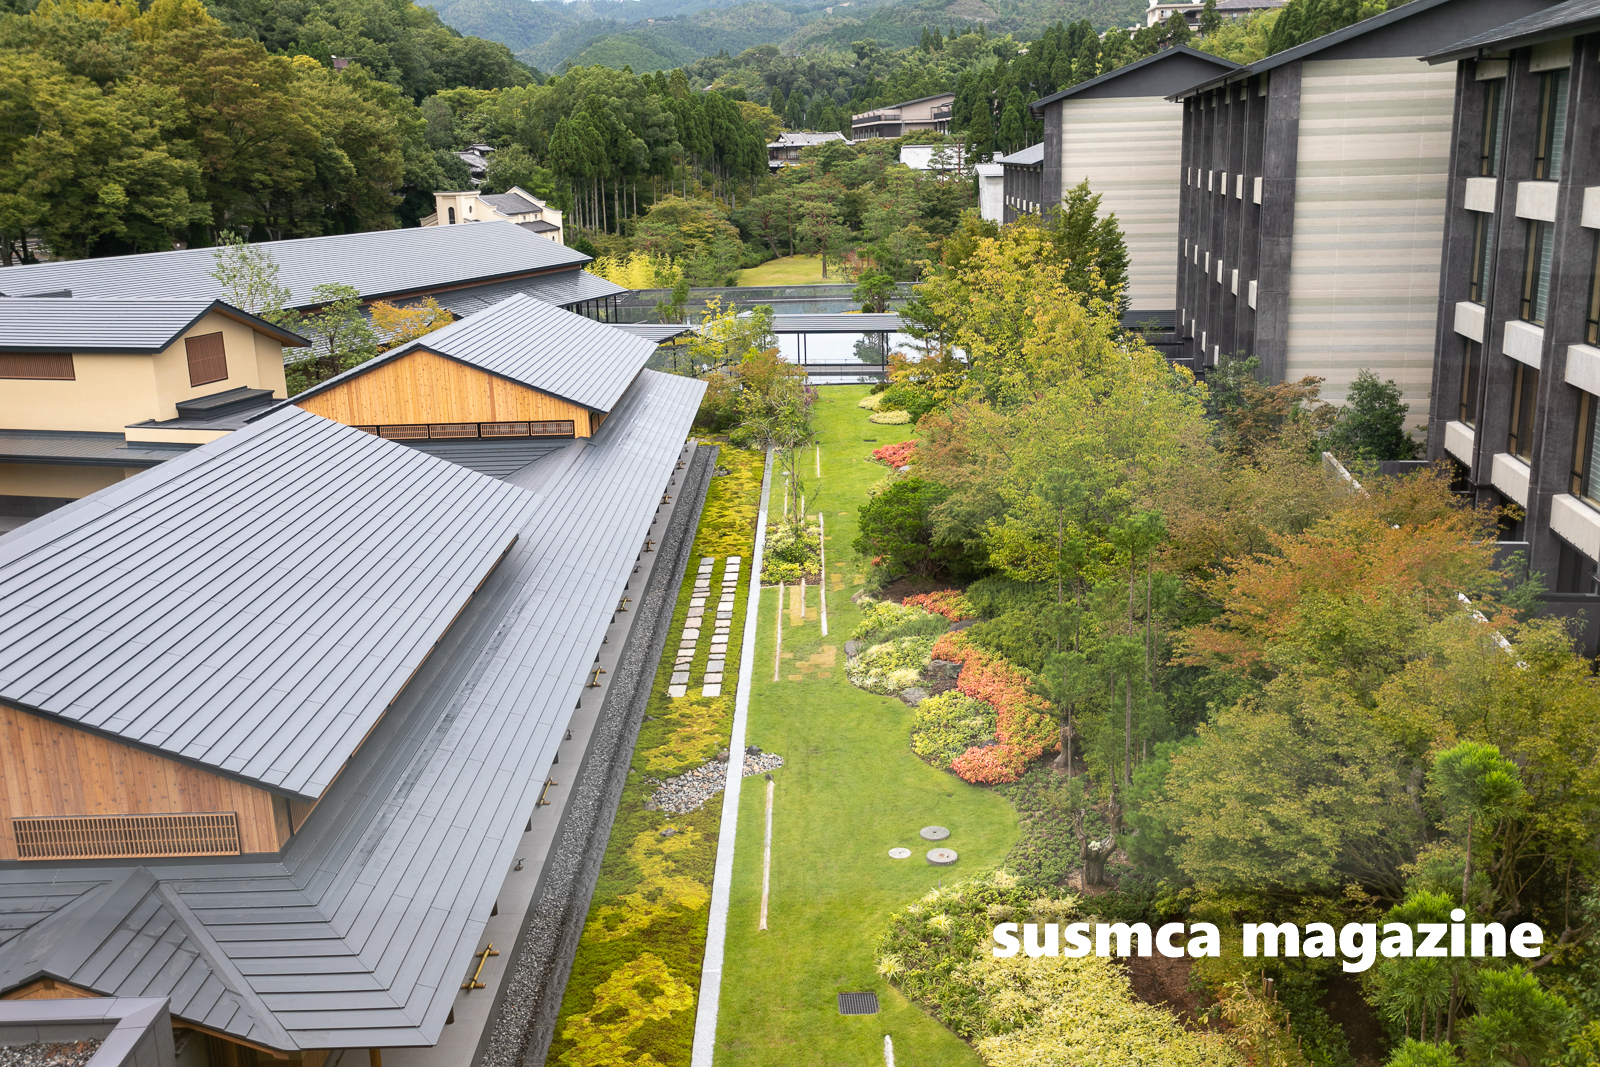 金閣寺観光の後はラグジュアリーホテルで優雅なアフターヌーンティーはいかが「ROKU KYOTO, LXR Hotels & Resorts」を取材《京都》